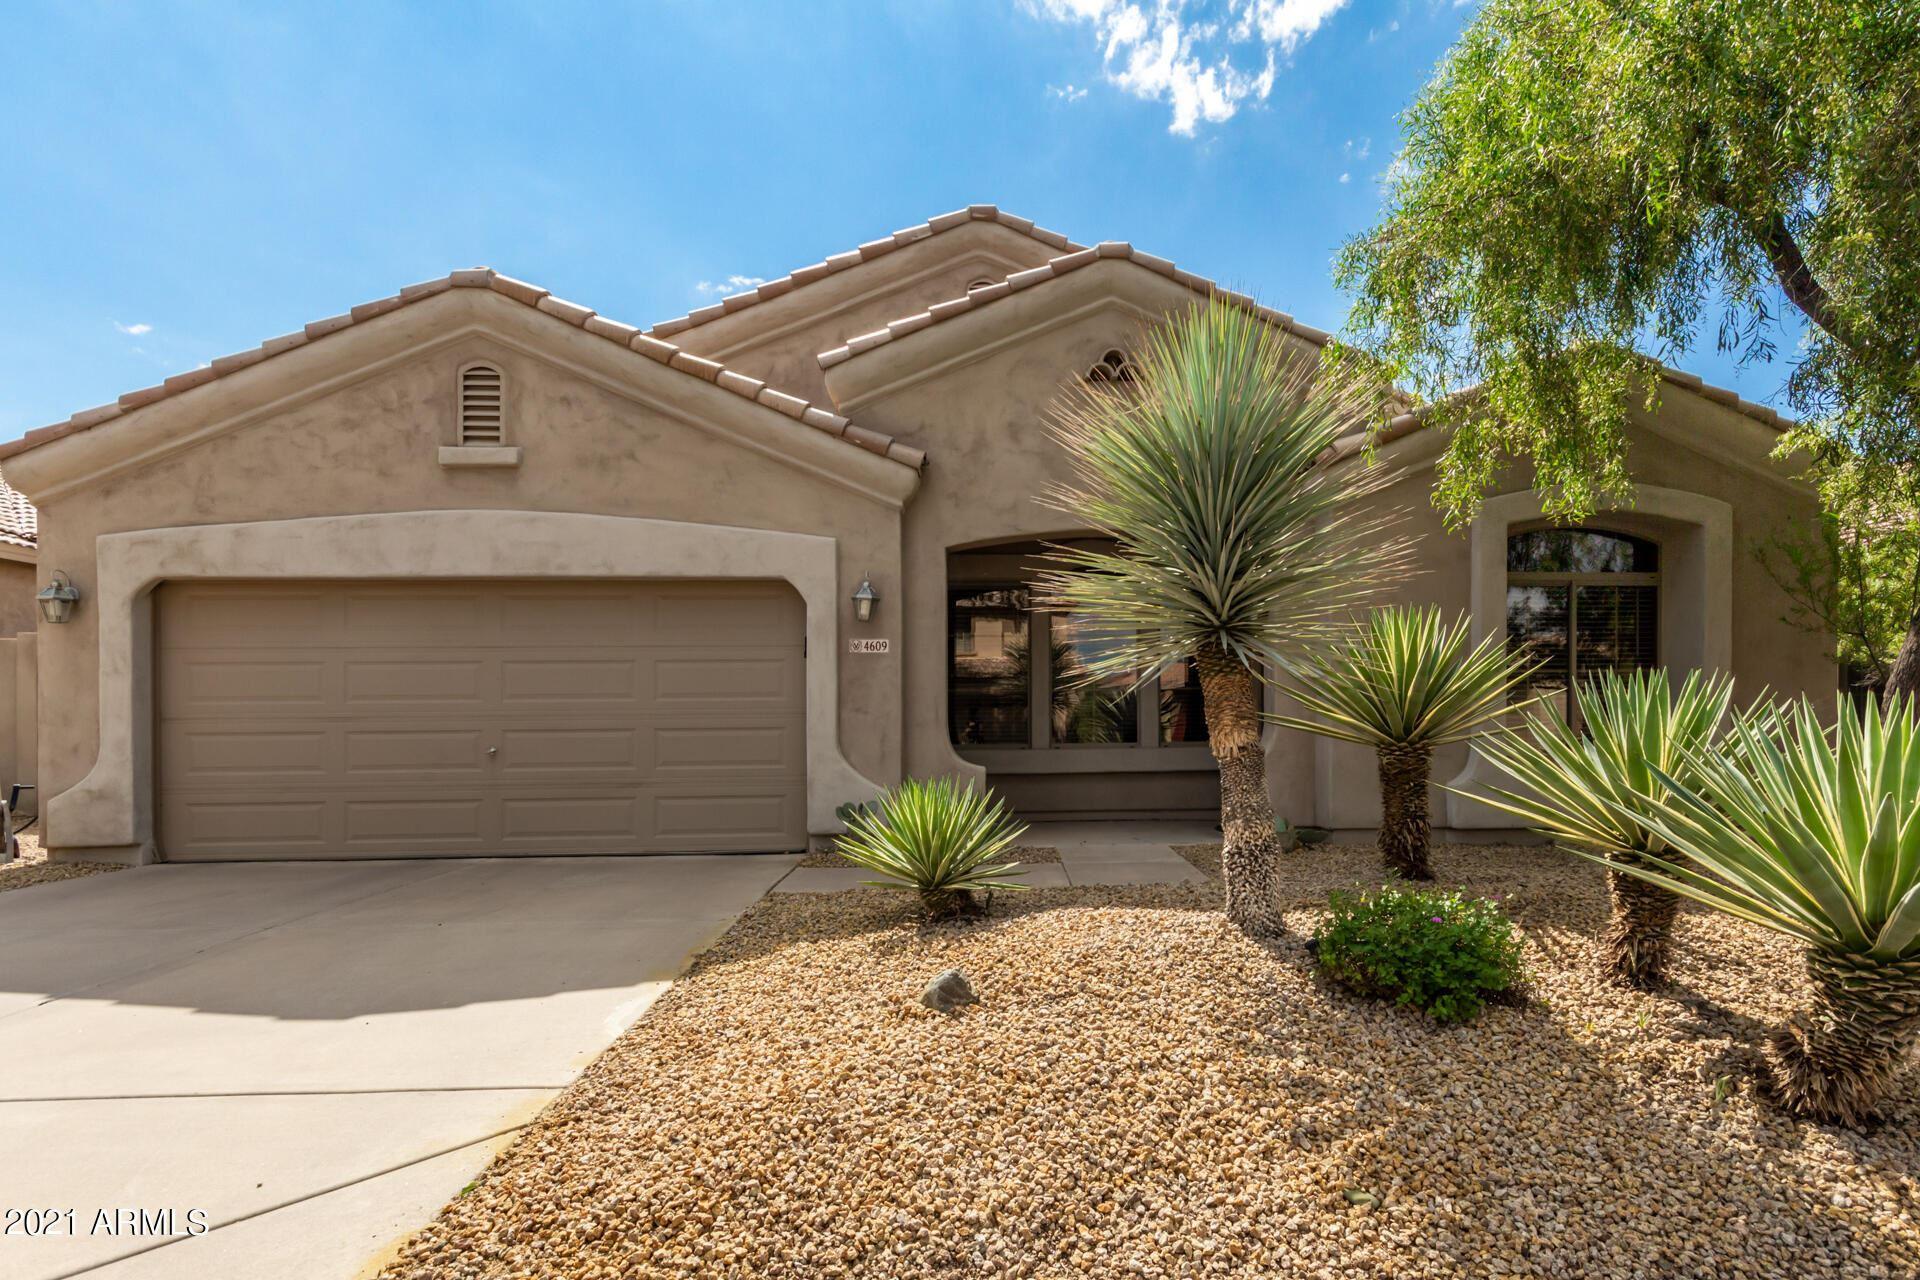 Photo of 4609 E BRILLIANT SKY Drive, Cave Creek, AZ 85331 (MLS # 6304337)